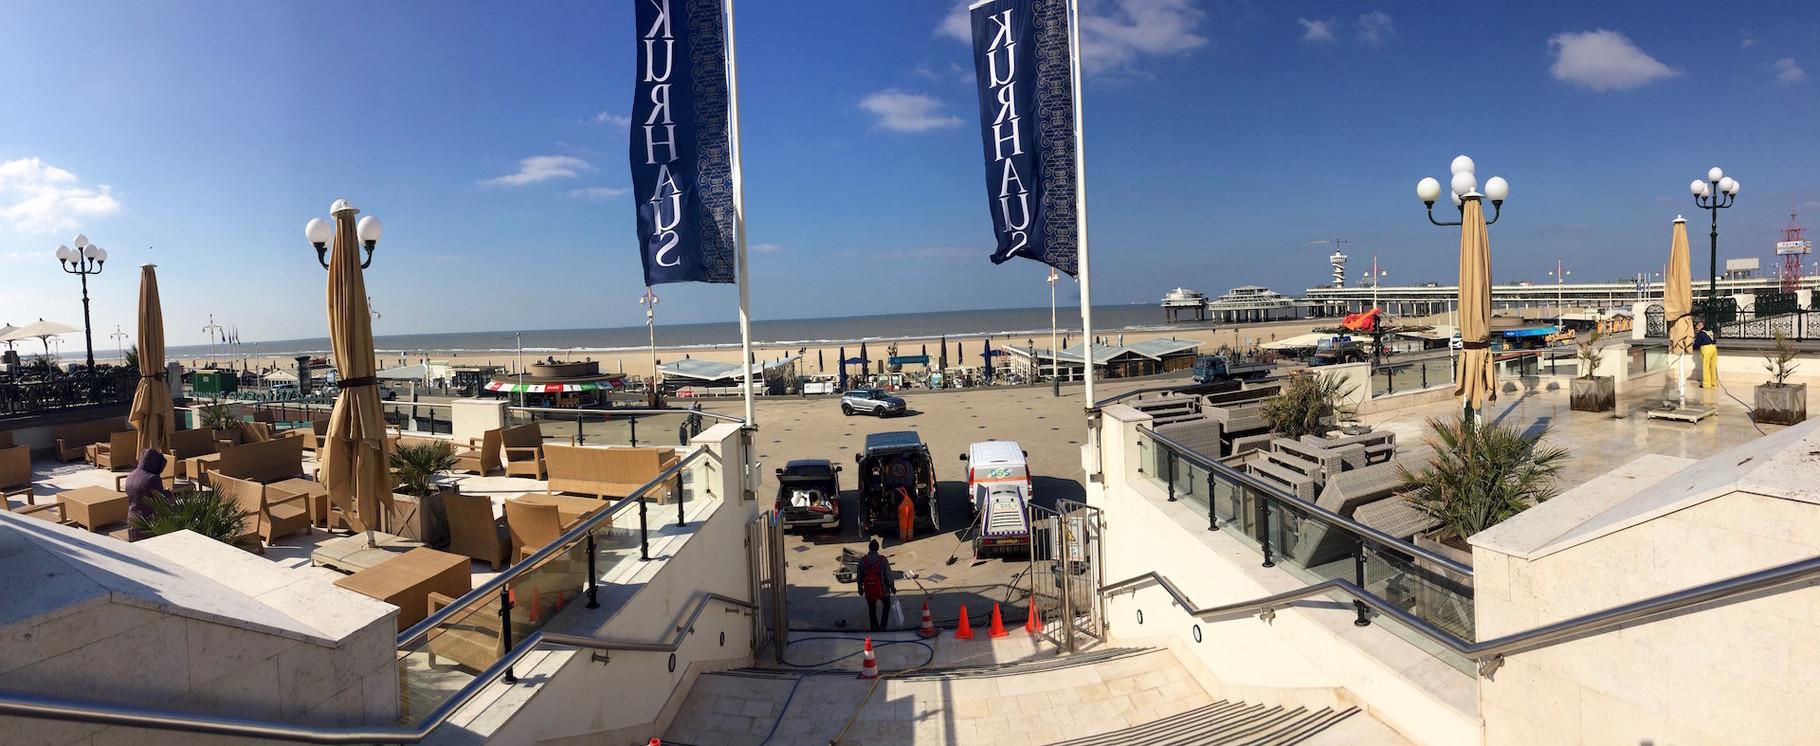 der Blick aus dem Kurhaus auf den Strand